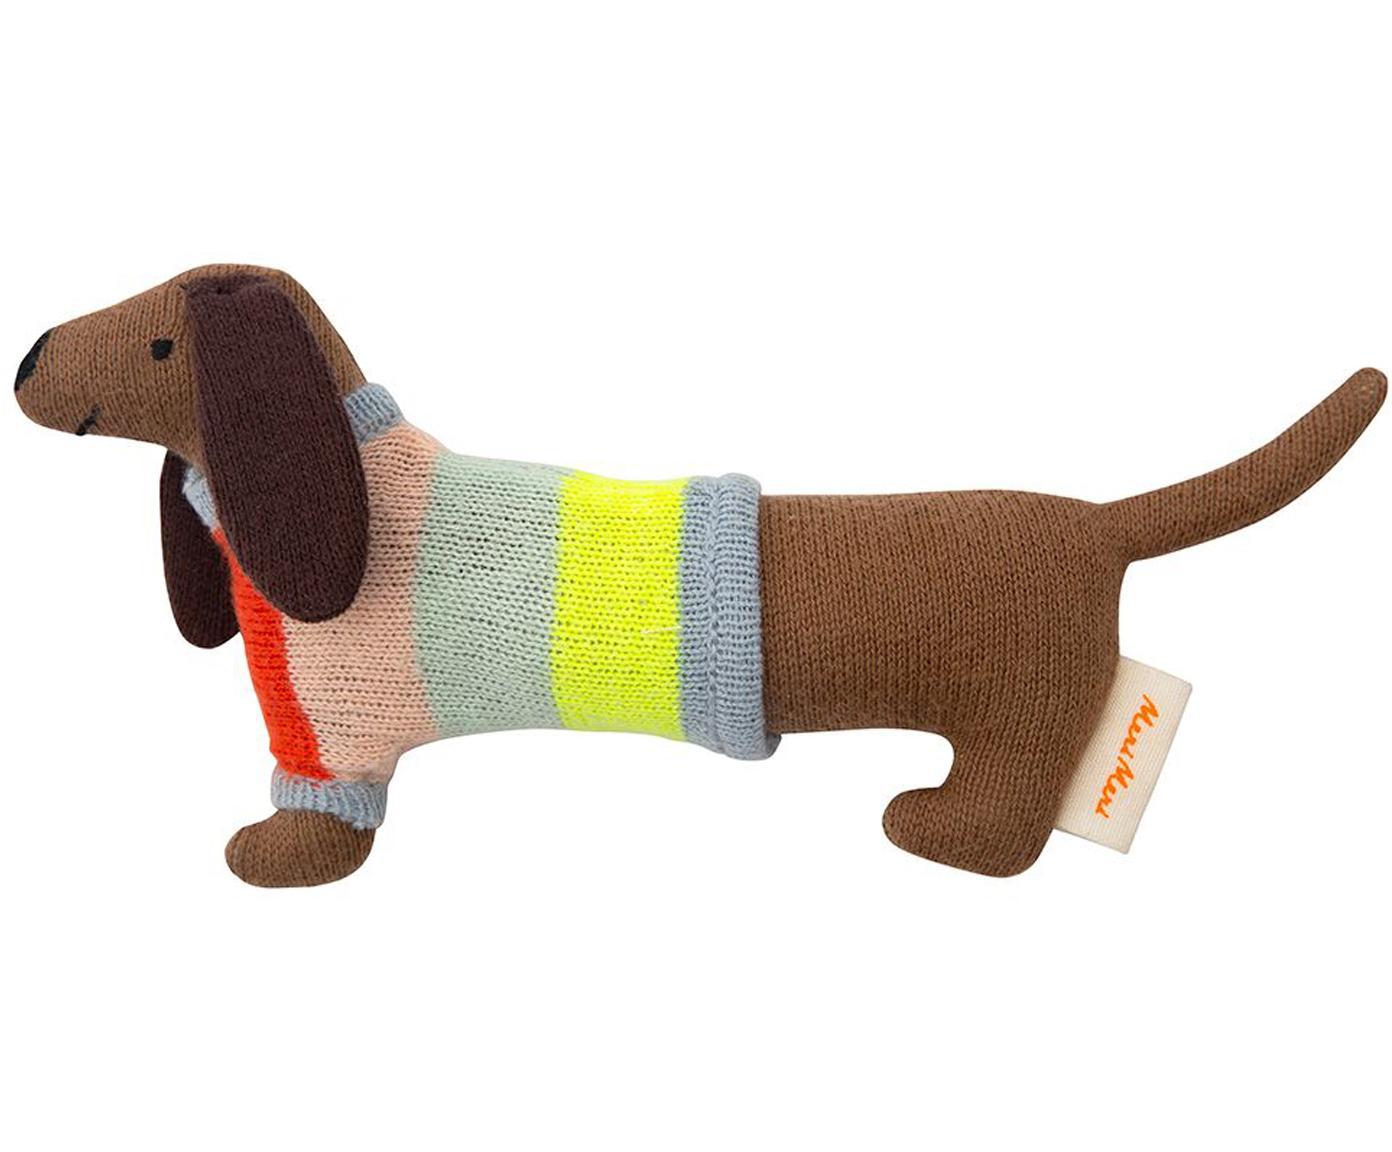 Grzechotka z bawełny organicznej Sausage Dog, Bawełna organiczna, Brązowy, wielobarwny, S 19 x W 8 cm